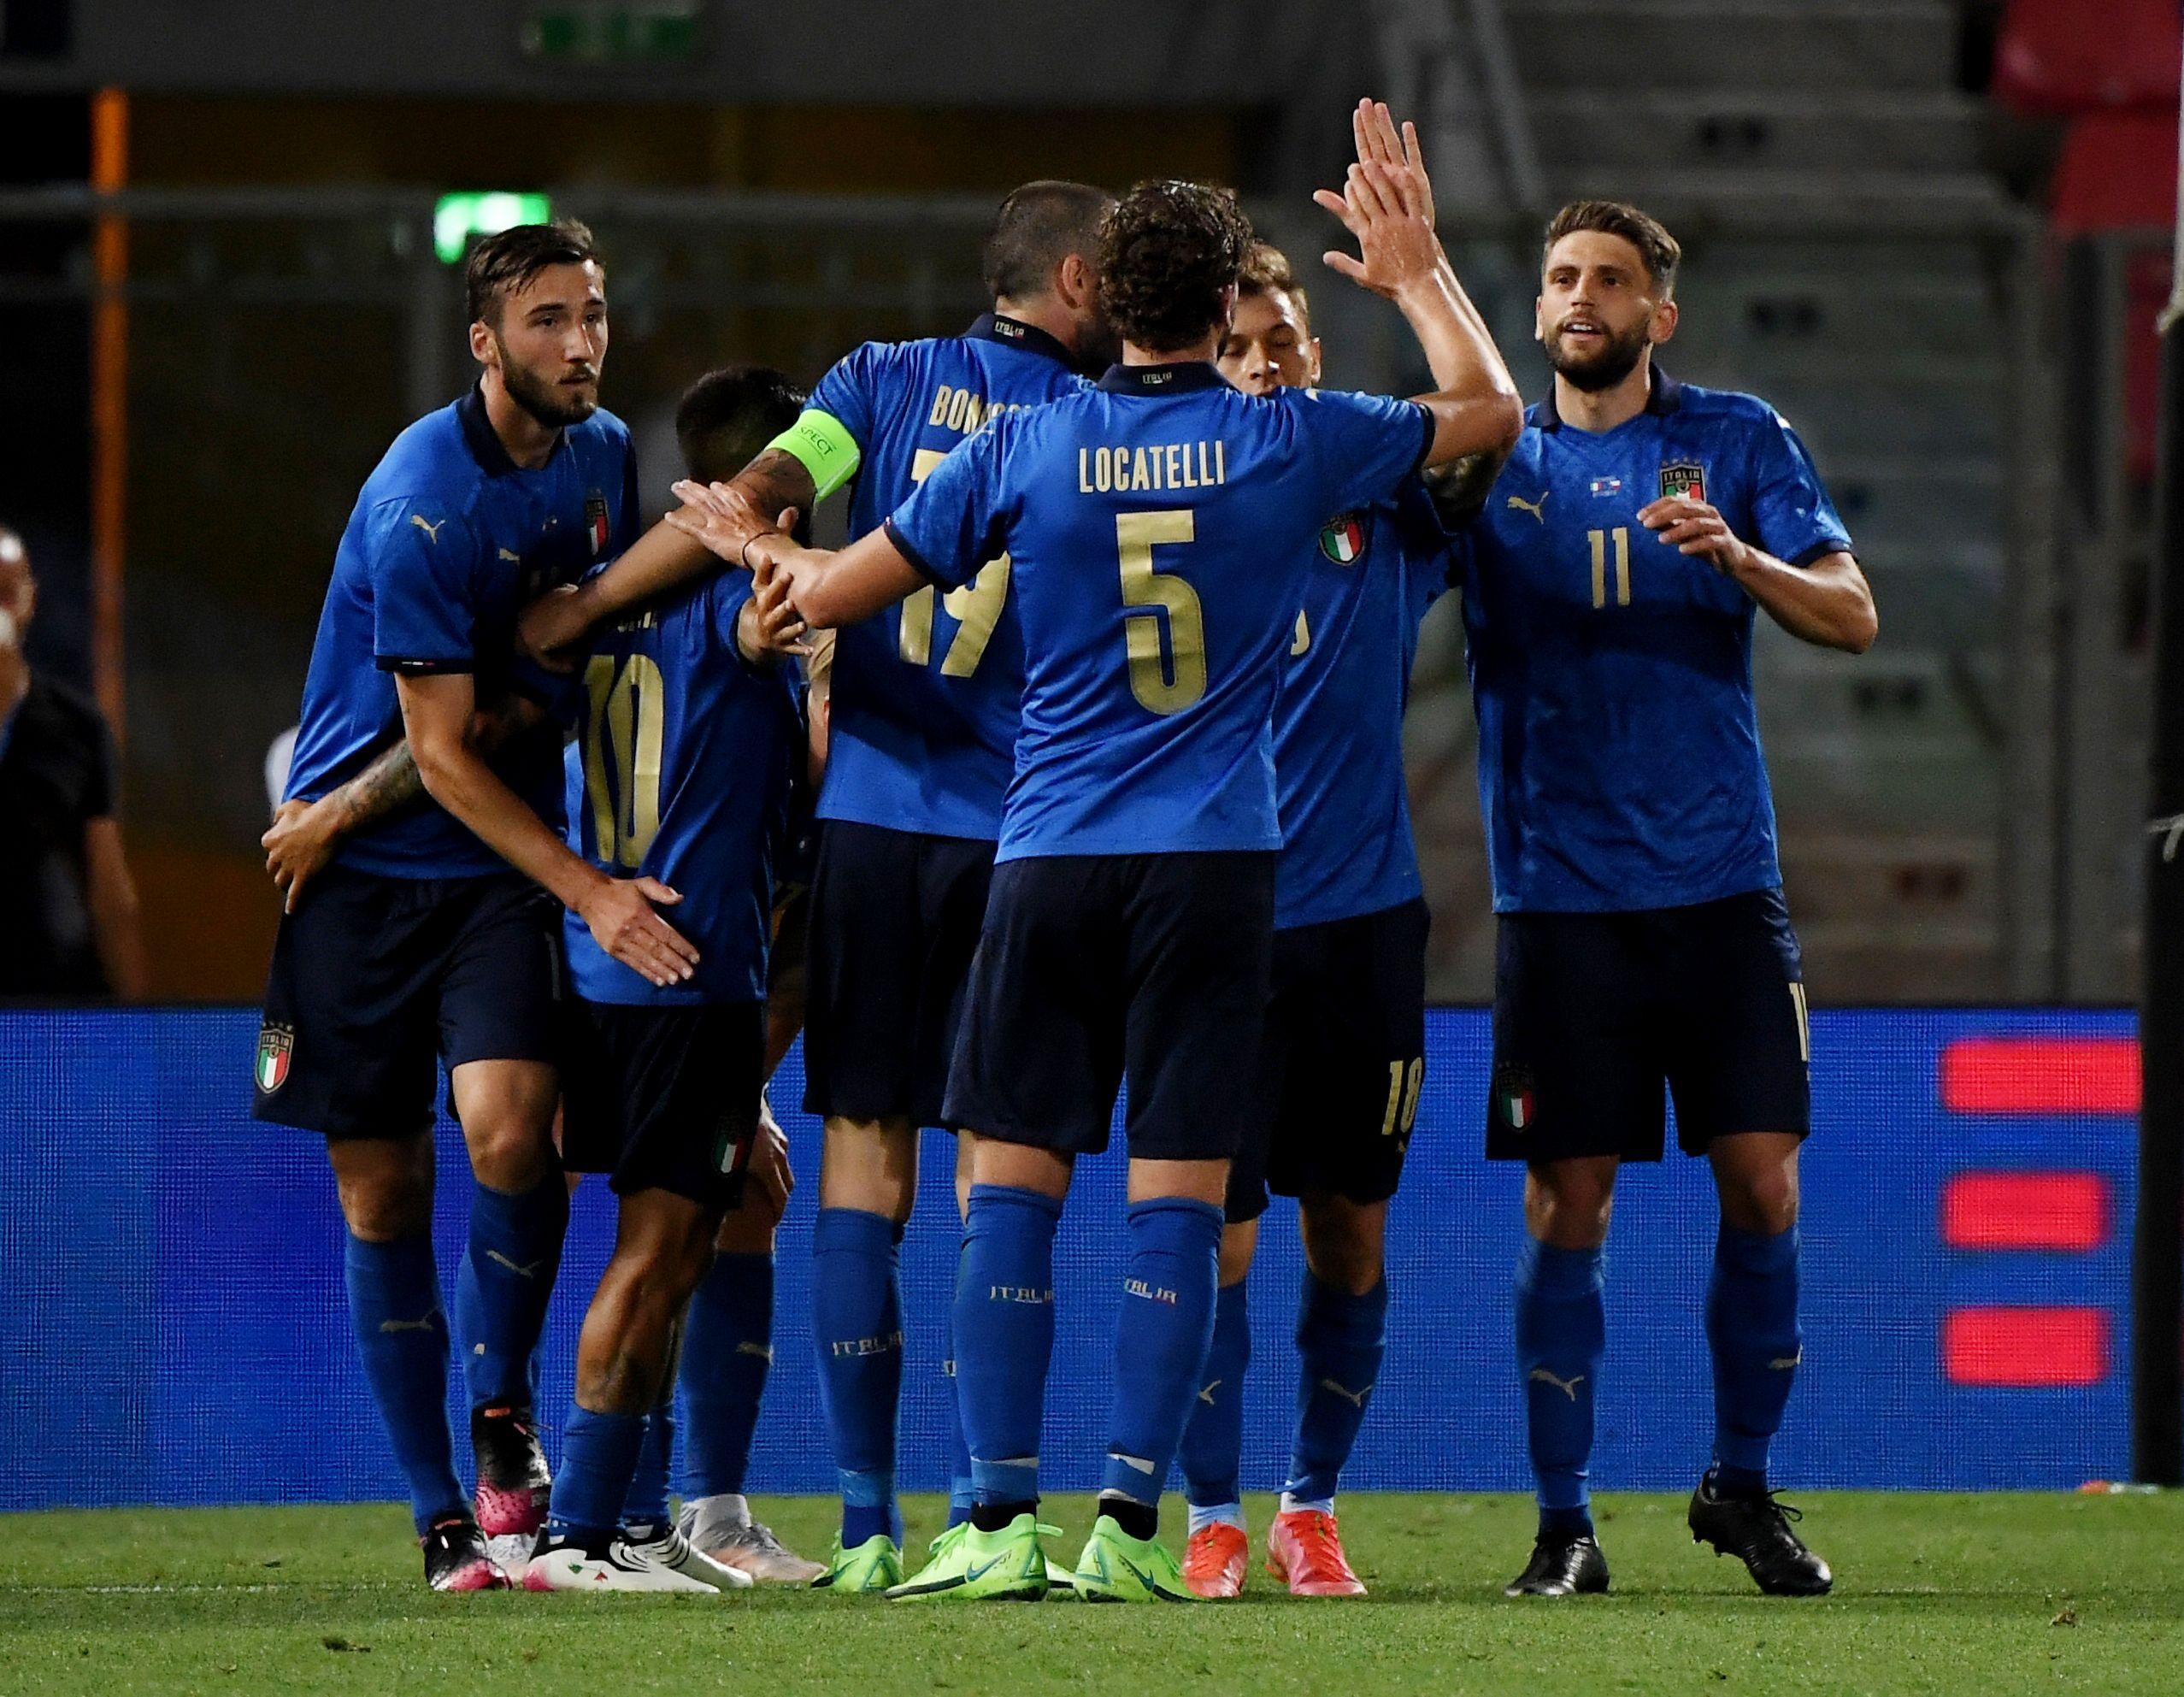 Φοβερή η Ιταλία, διέλυσε την Τσεχία κι έστειλε μήνυμα για το Euro